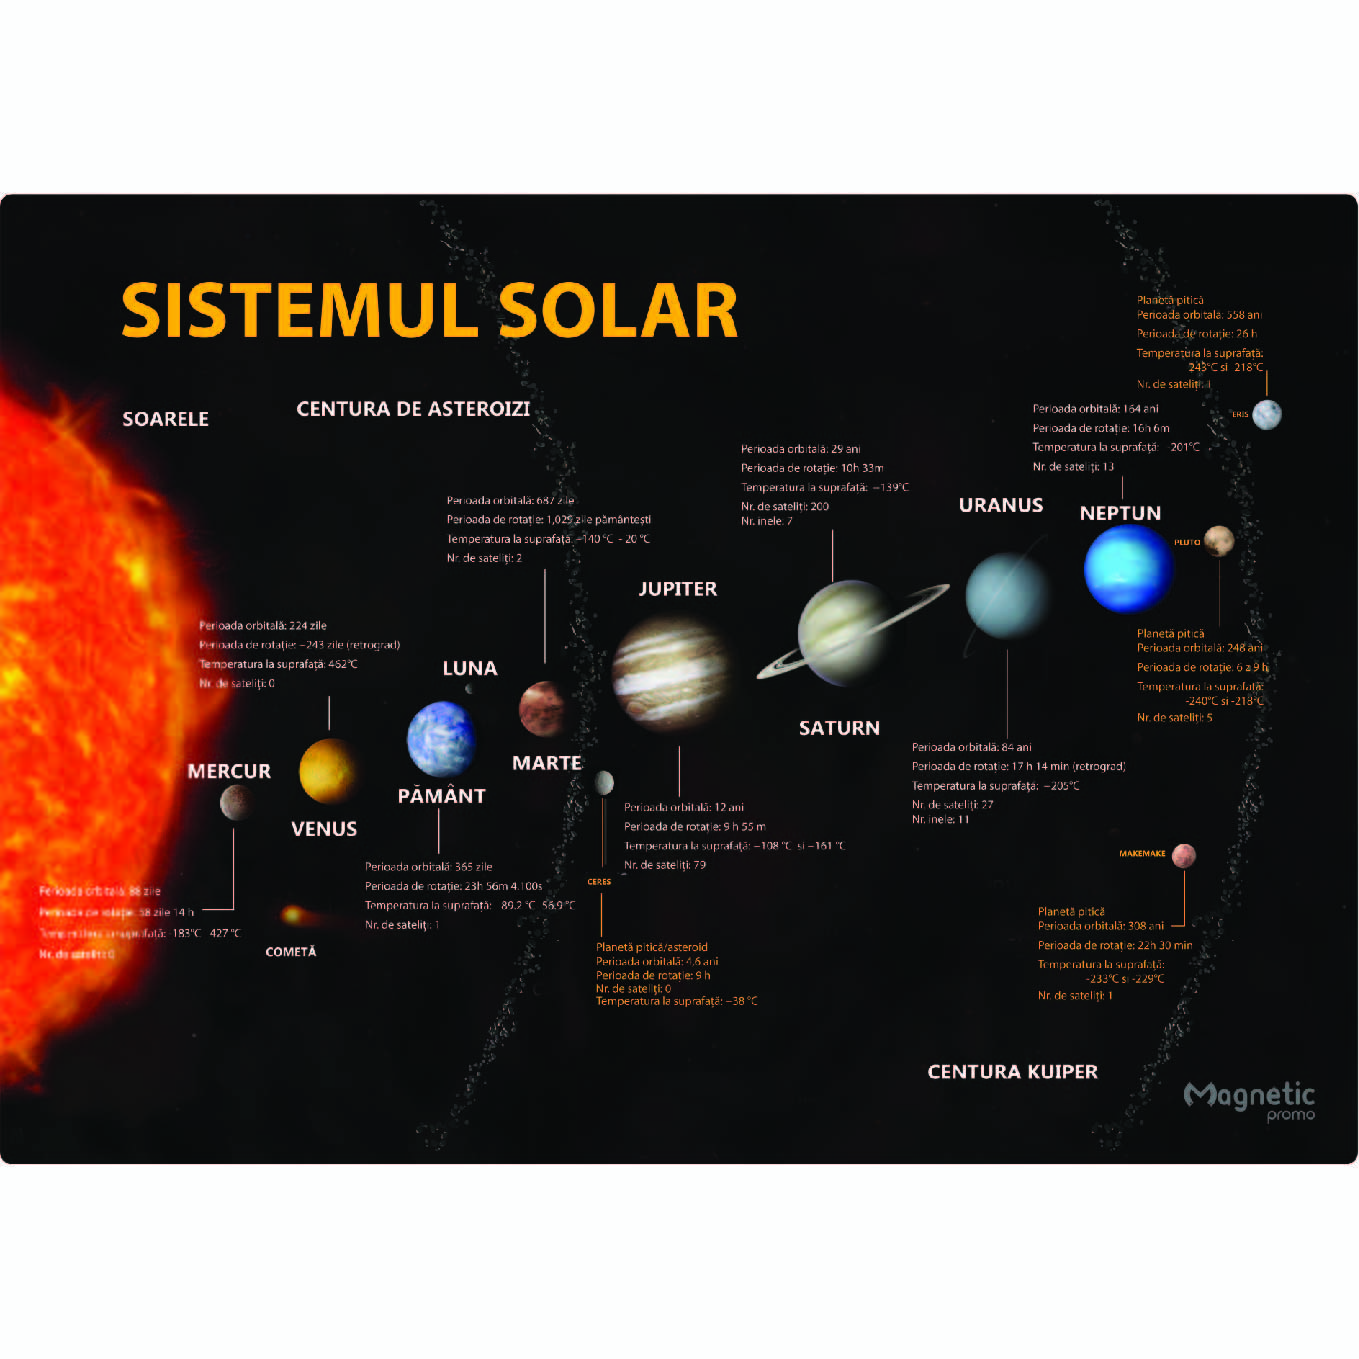 Bumpers blog: sistemul solar   Sistemul Solar